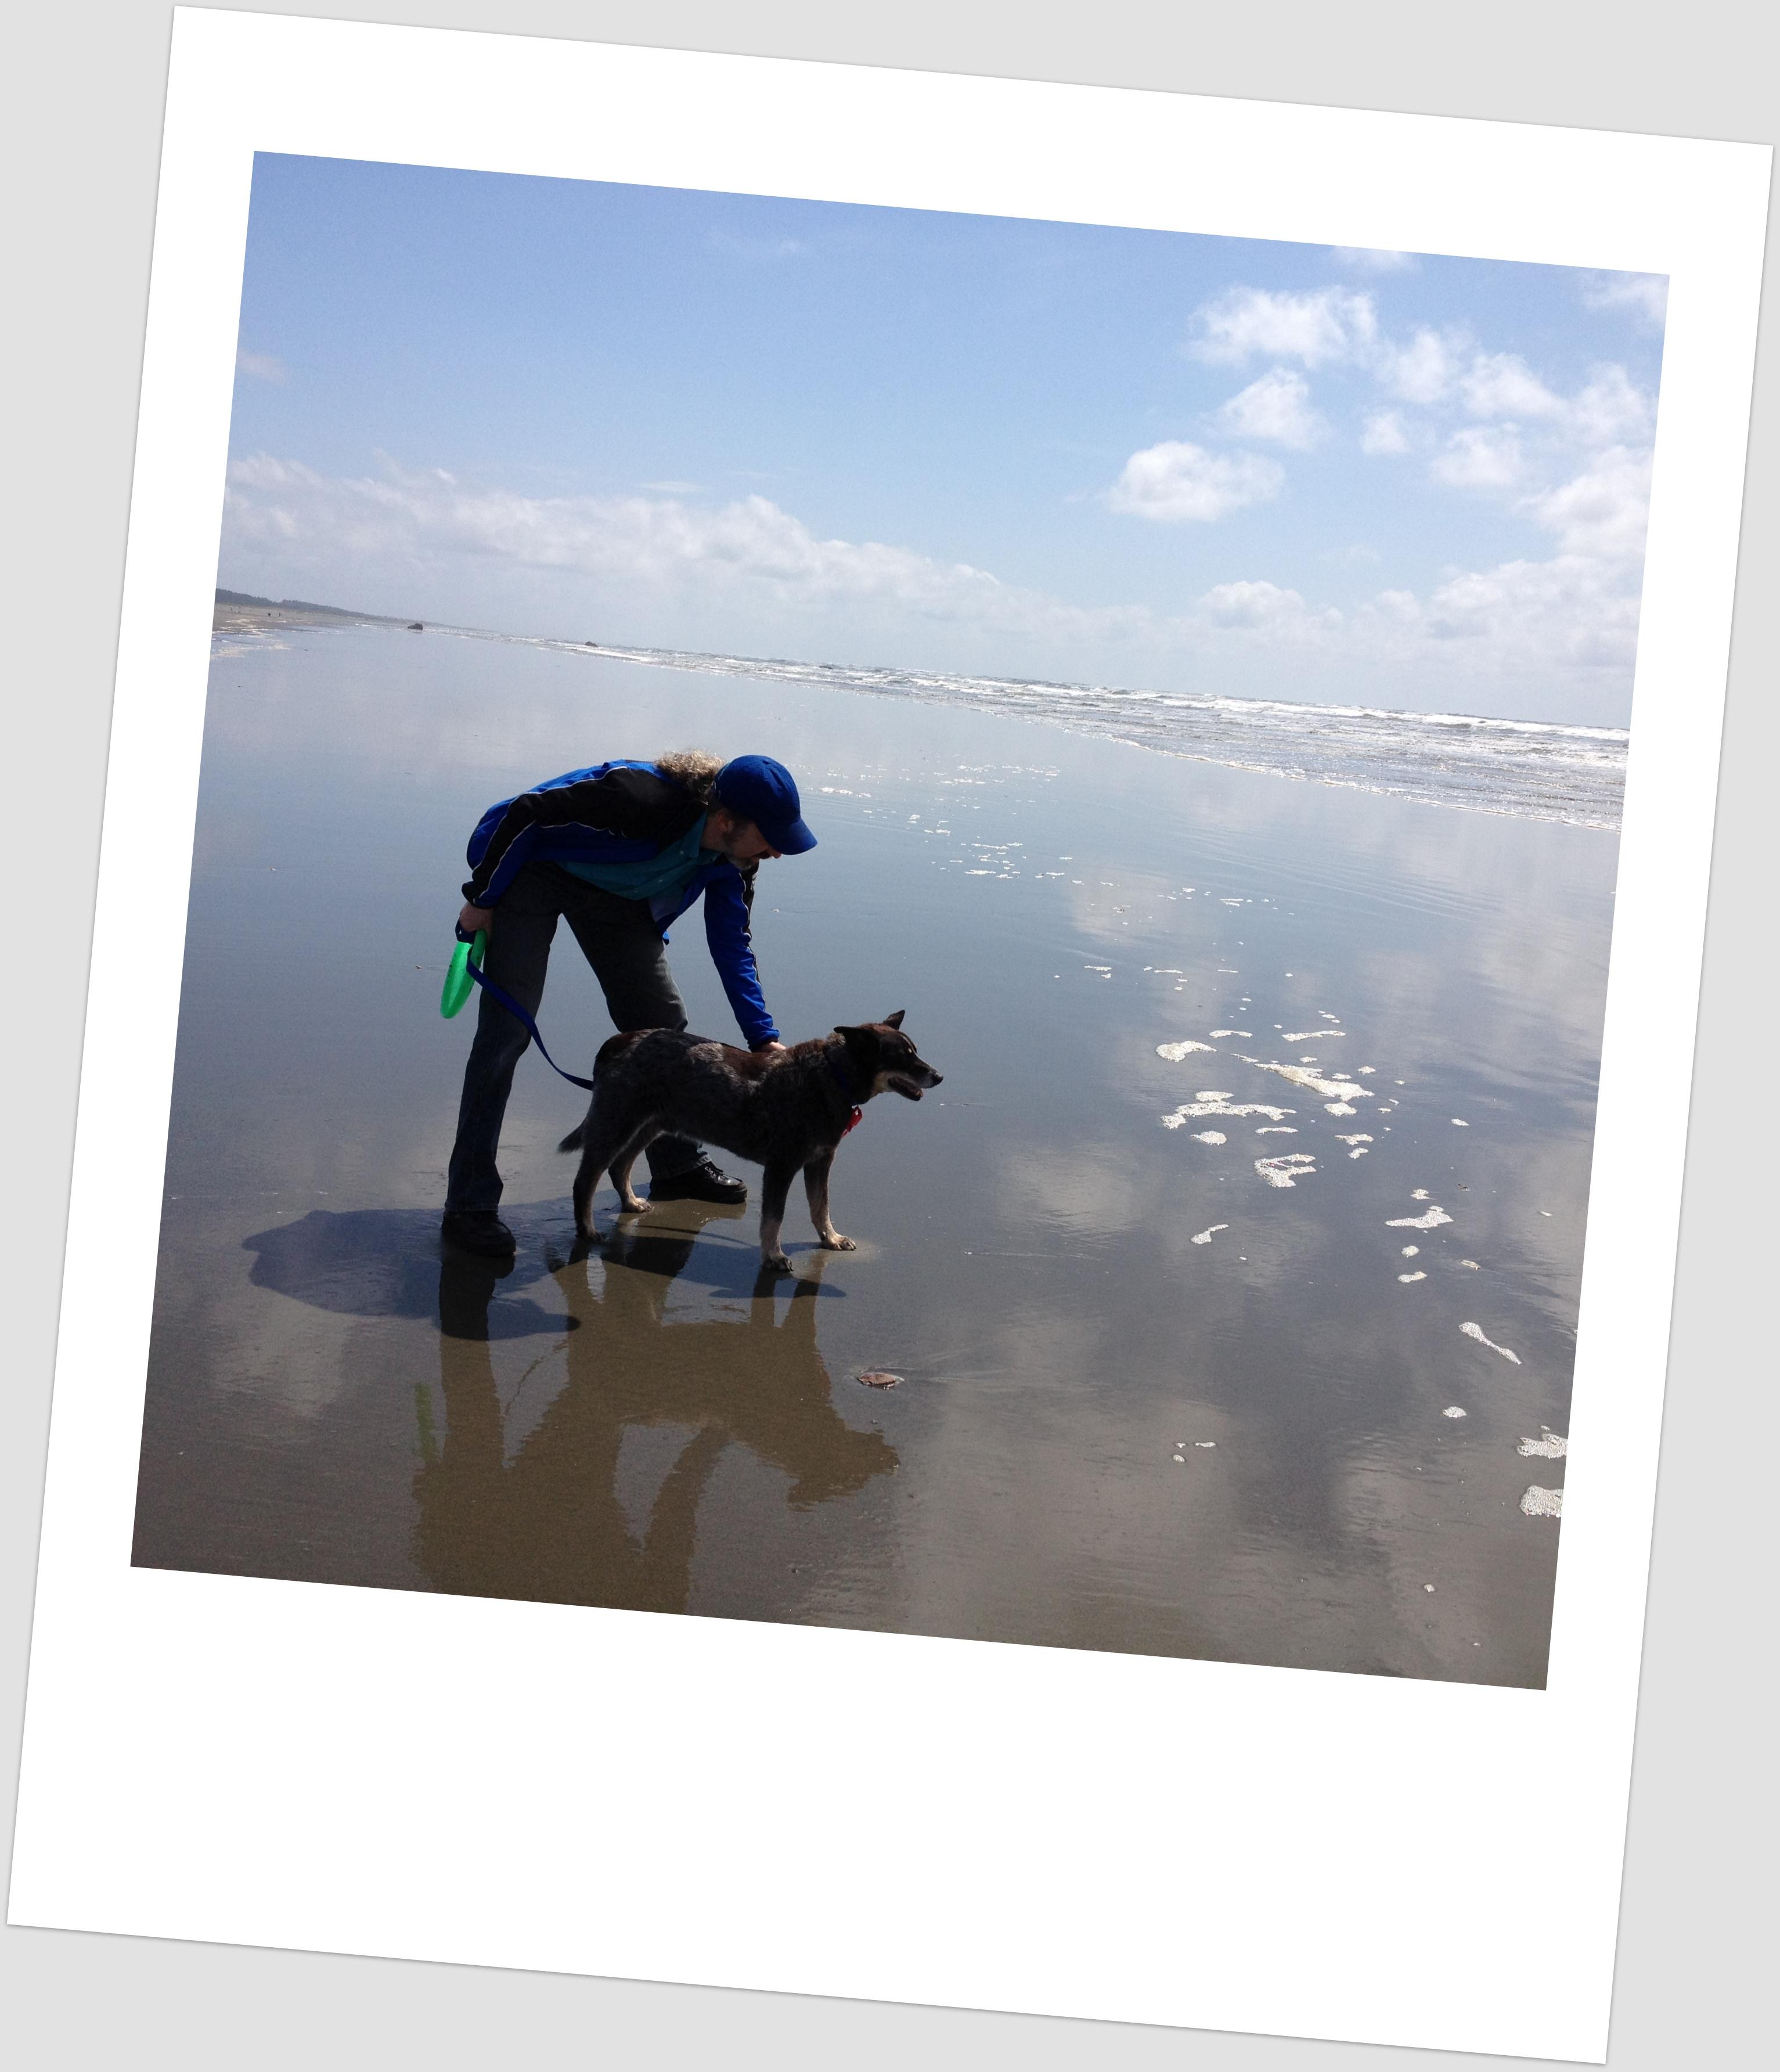 Alki Beach Dog Friendly